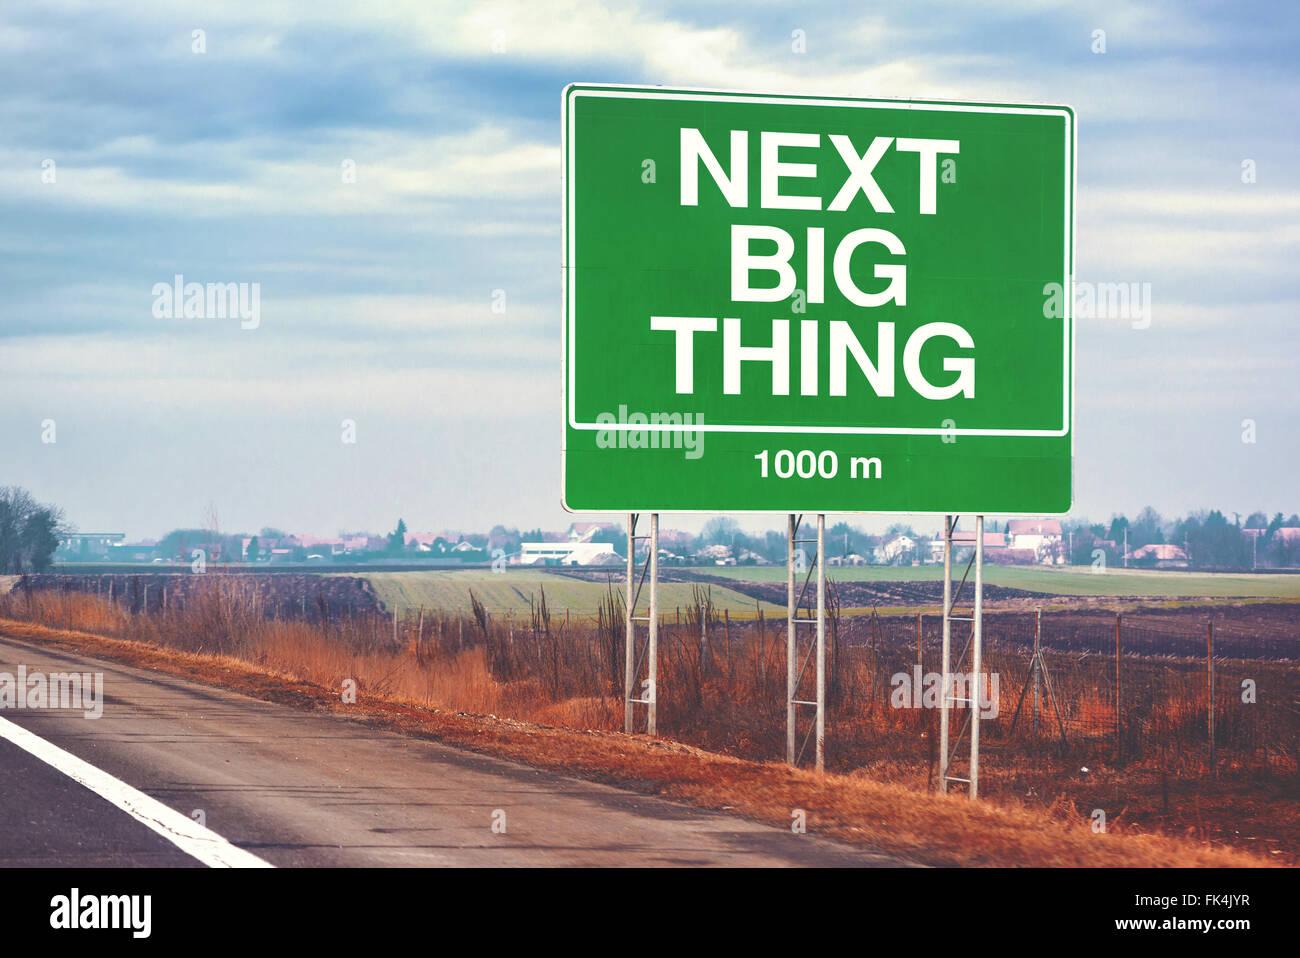 Siguiente gran cosa por delante de la imagen motivacional conceptual con señal de camino por la autopista, Imagen De Stock